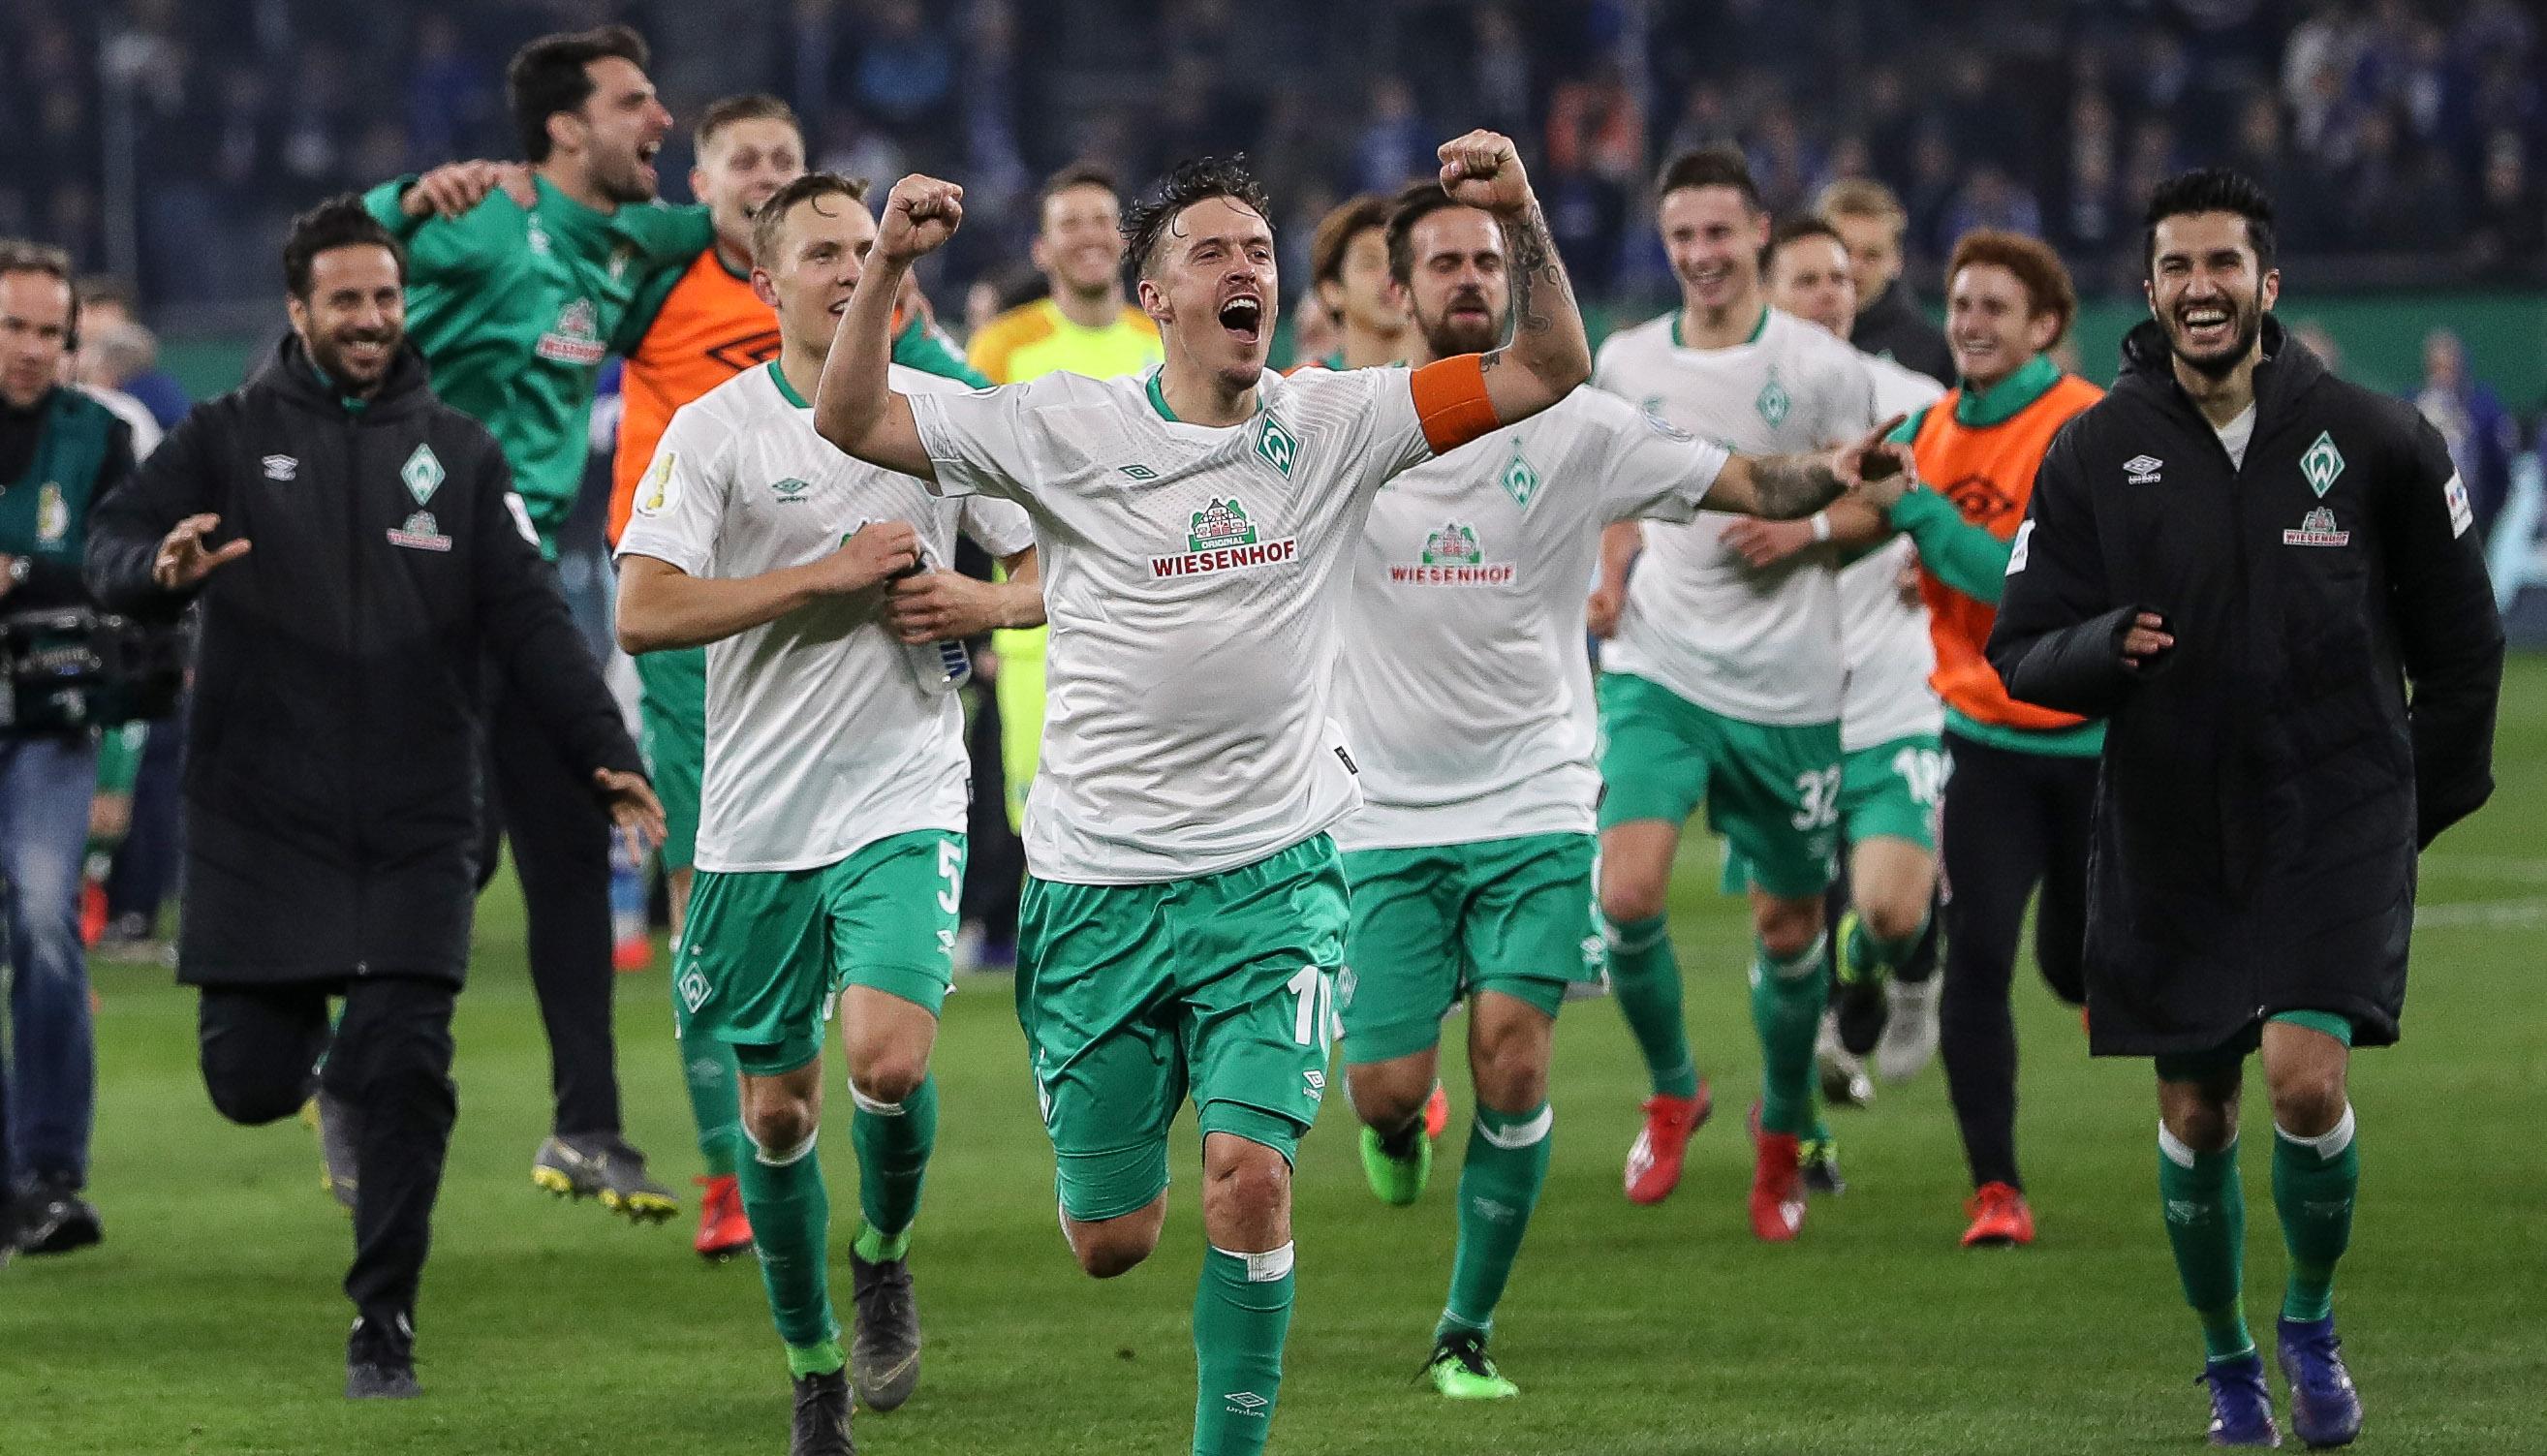 Werder Bremen – FC Bayern: Ein Pokal-Klassiker lebt wieder auf